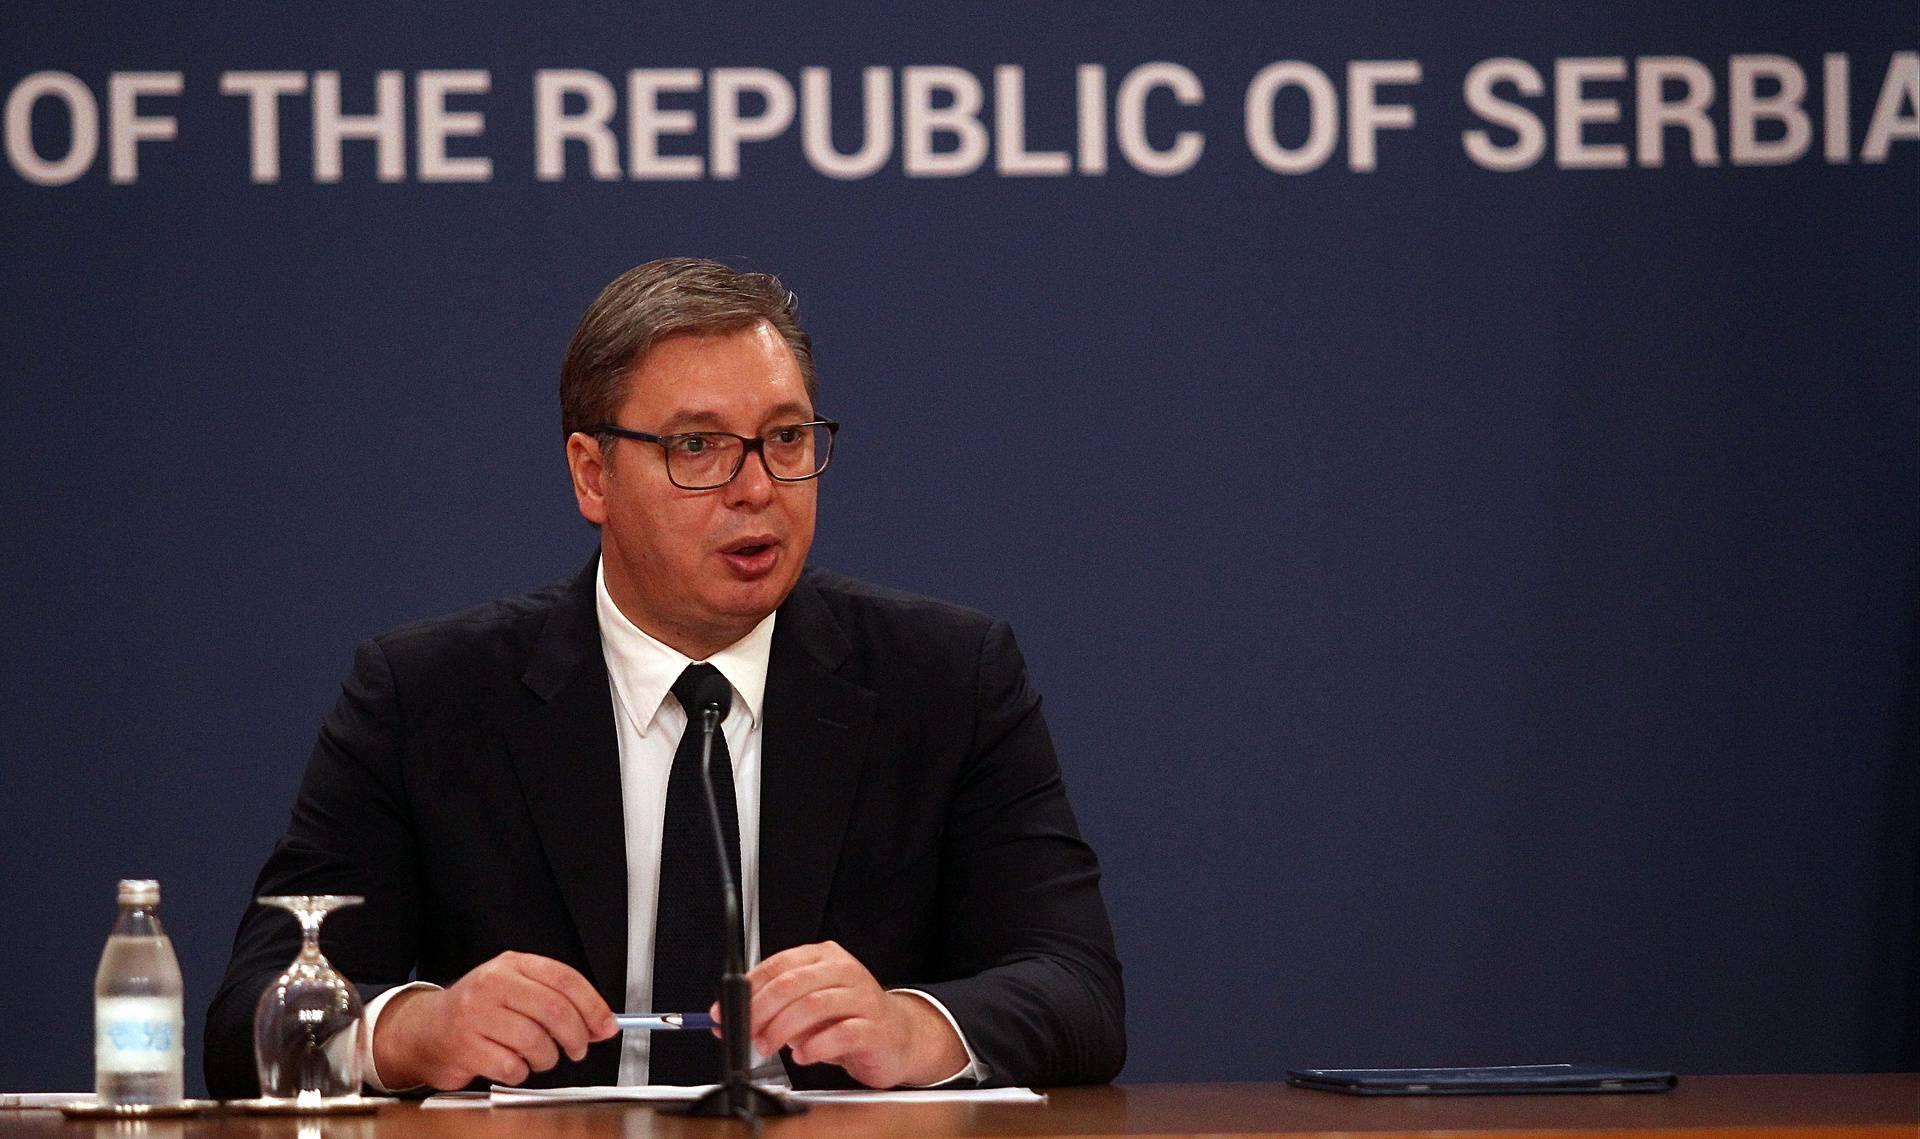 Aleksandar Vučić na konferenciji najavio svoju kandidaturu za predsjednika Vlade Srbije